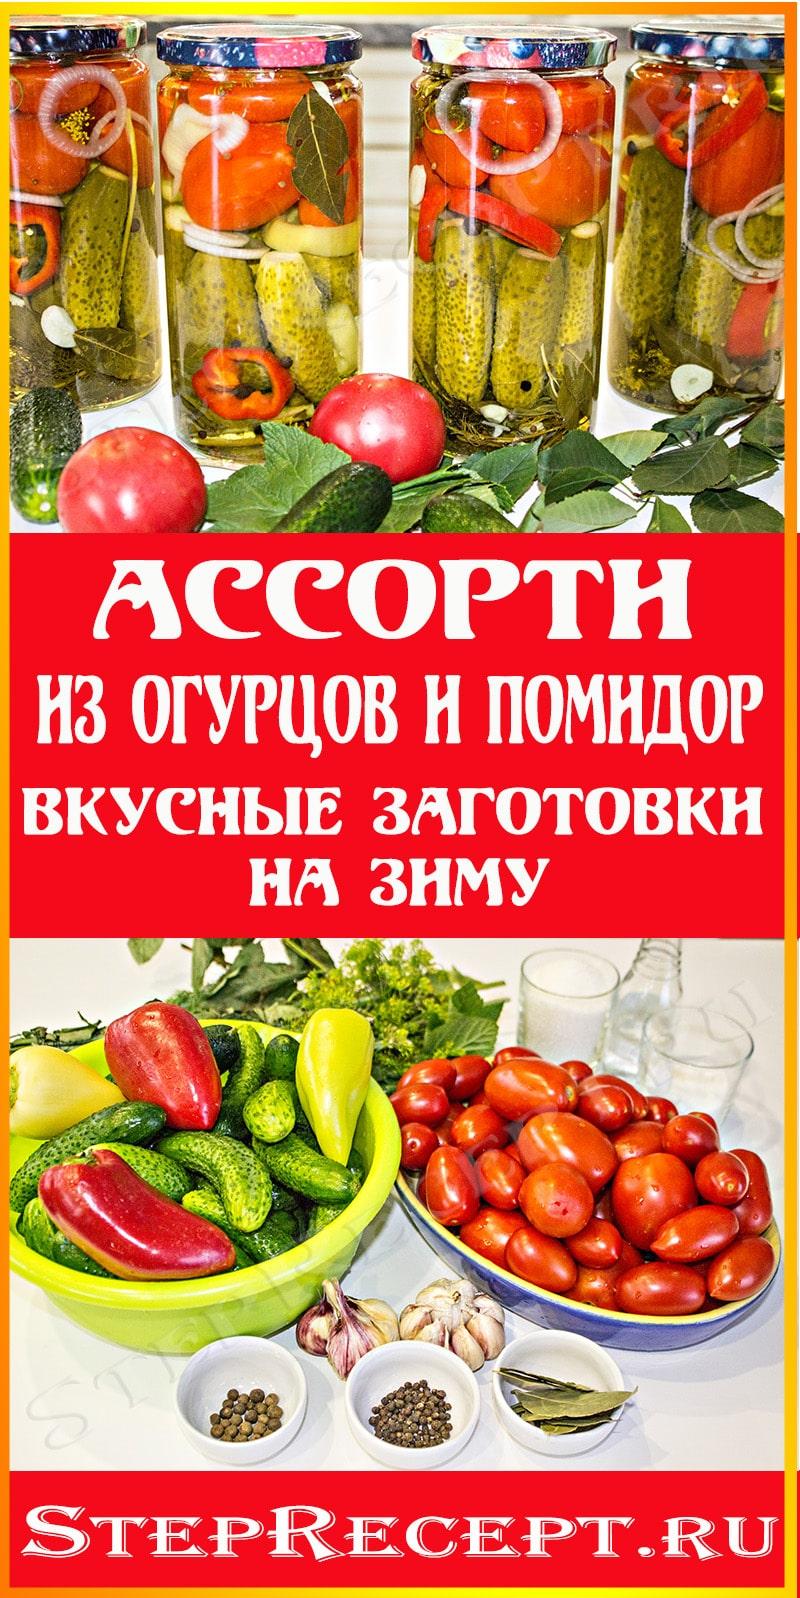 огурцы с помидорами на зиму самый вкусный